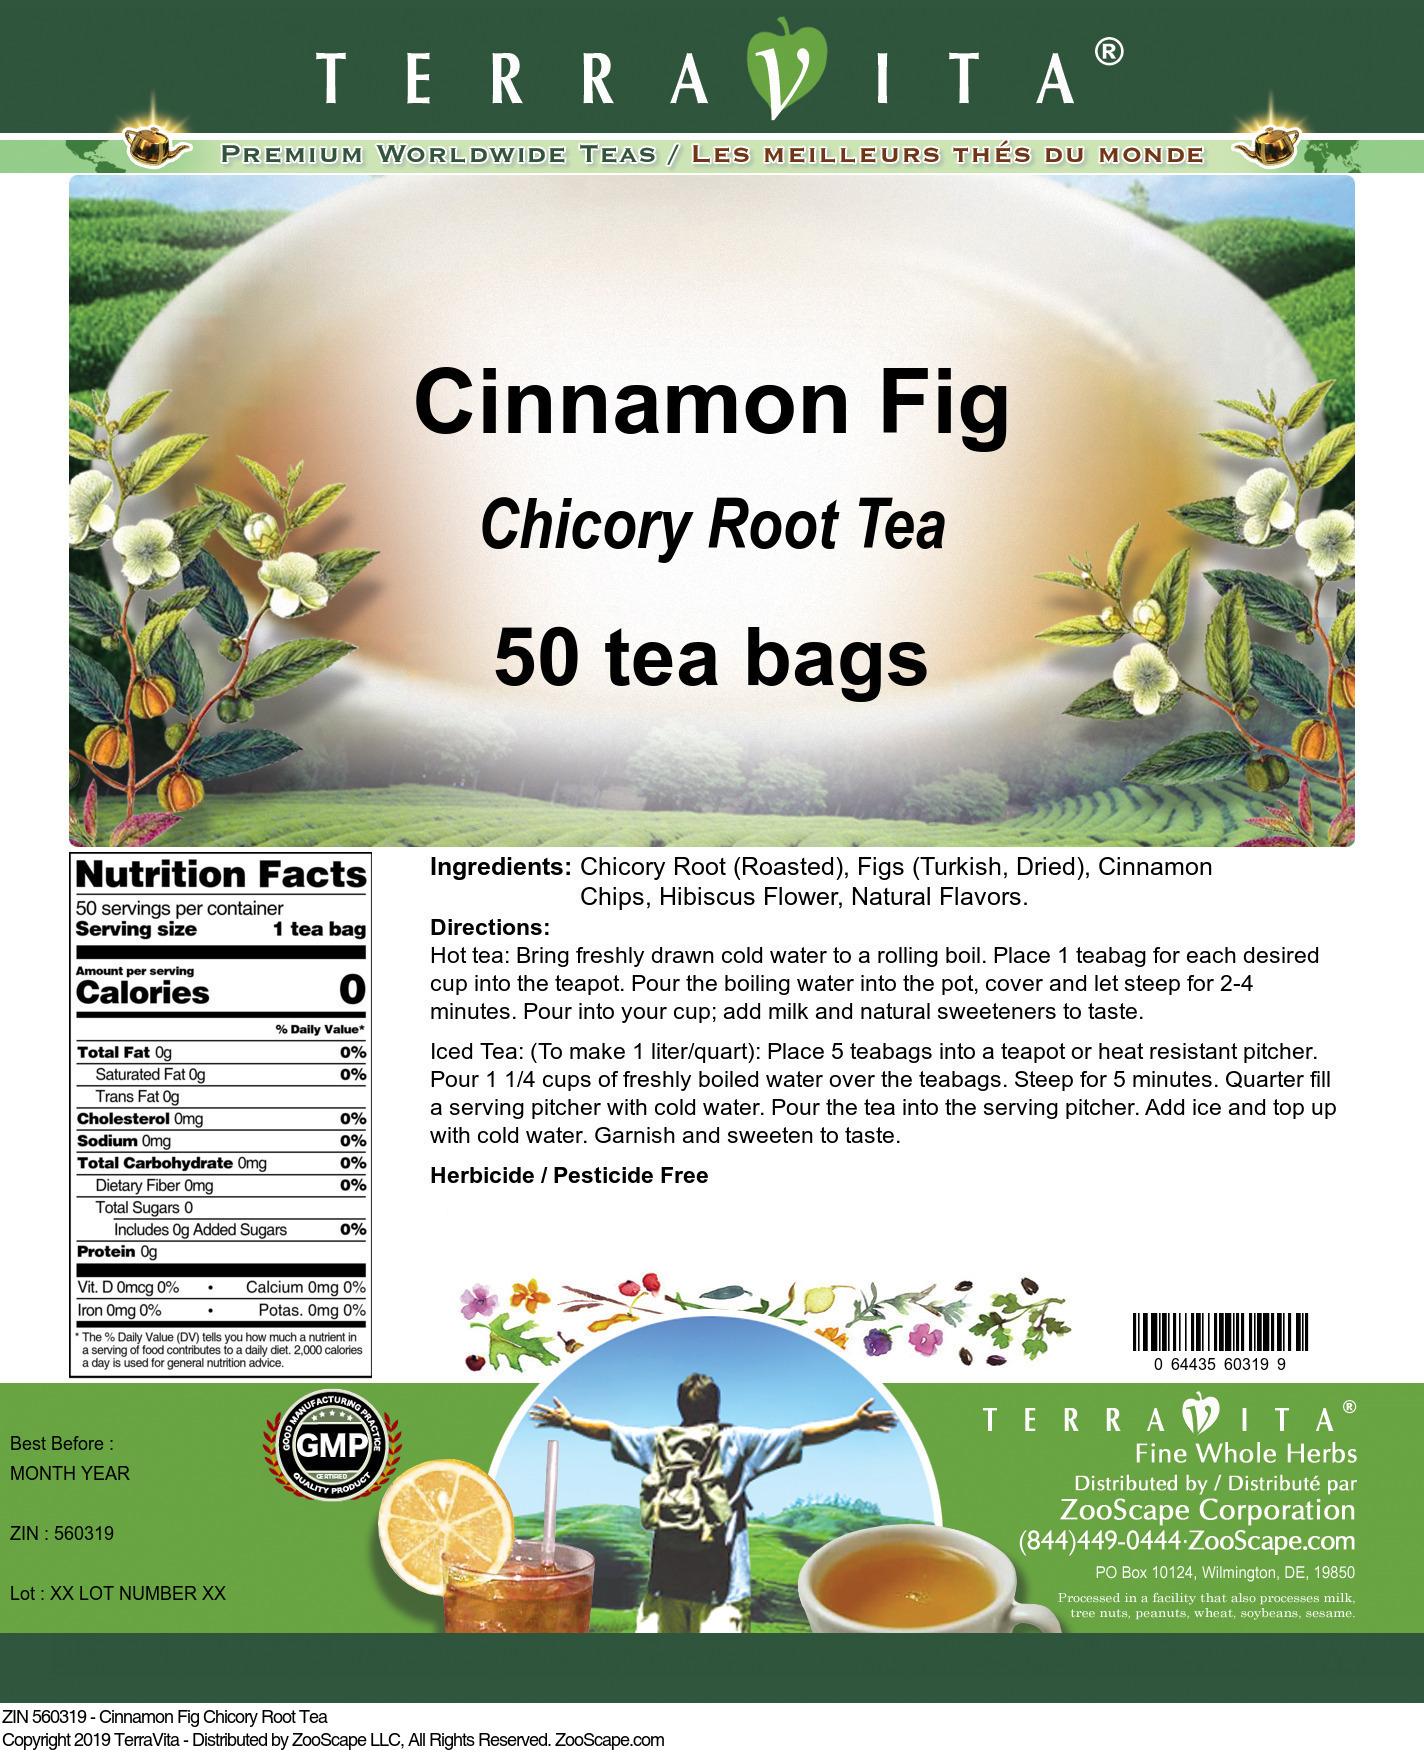 Cinnamon Fig Chicory Root Tea